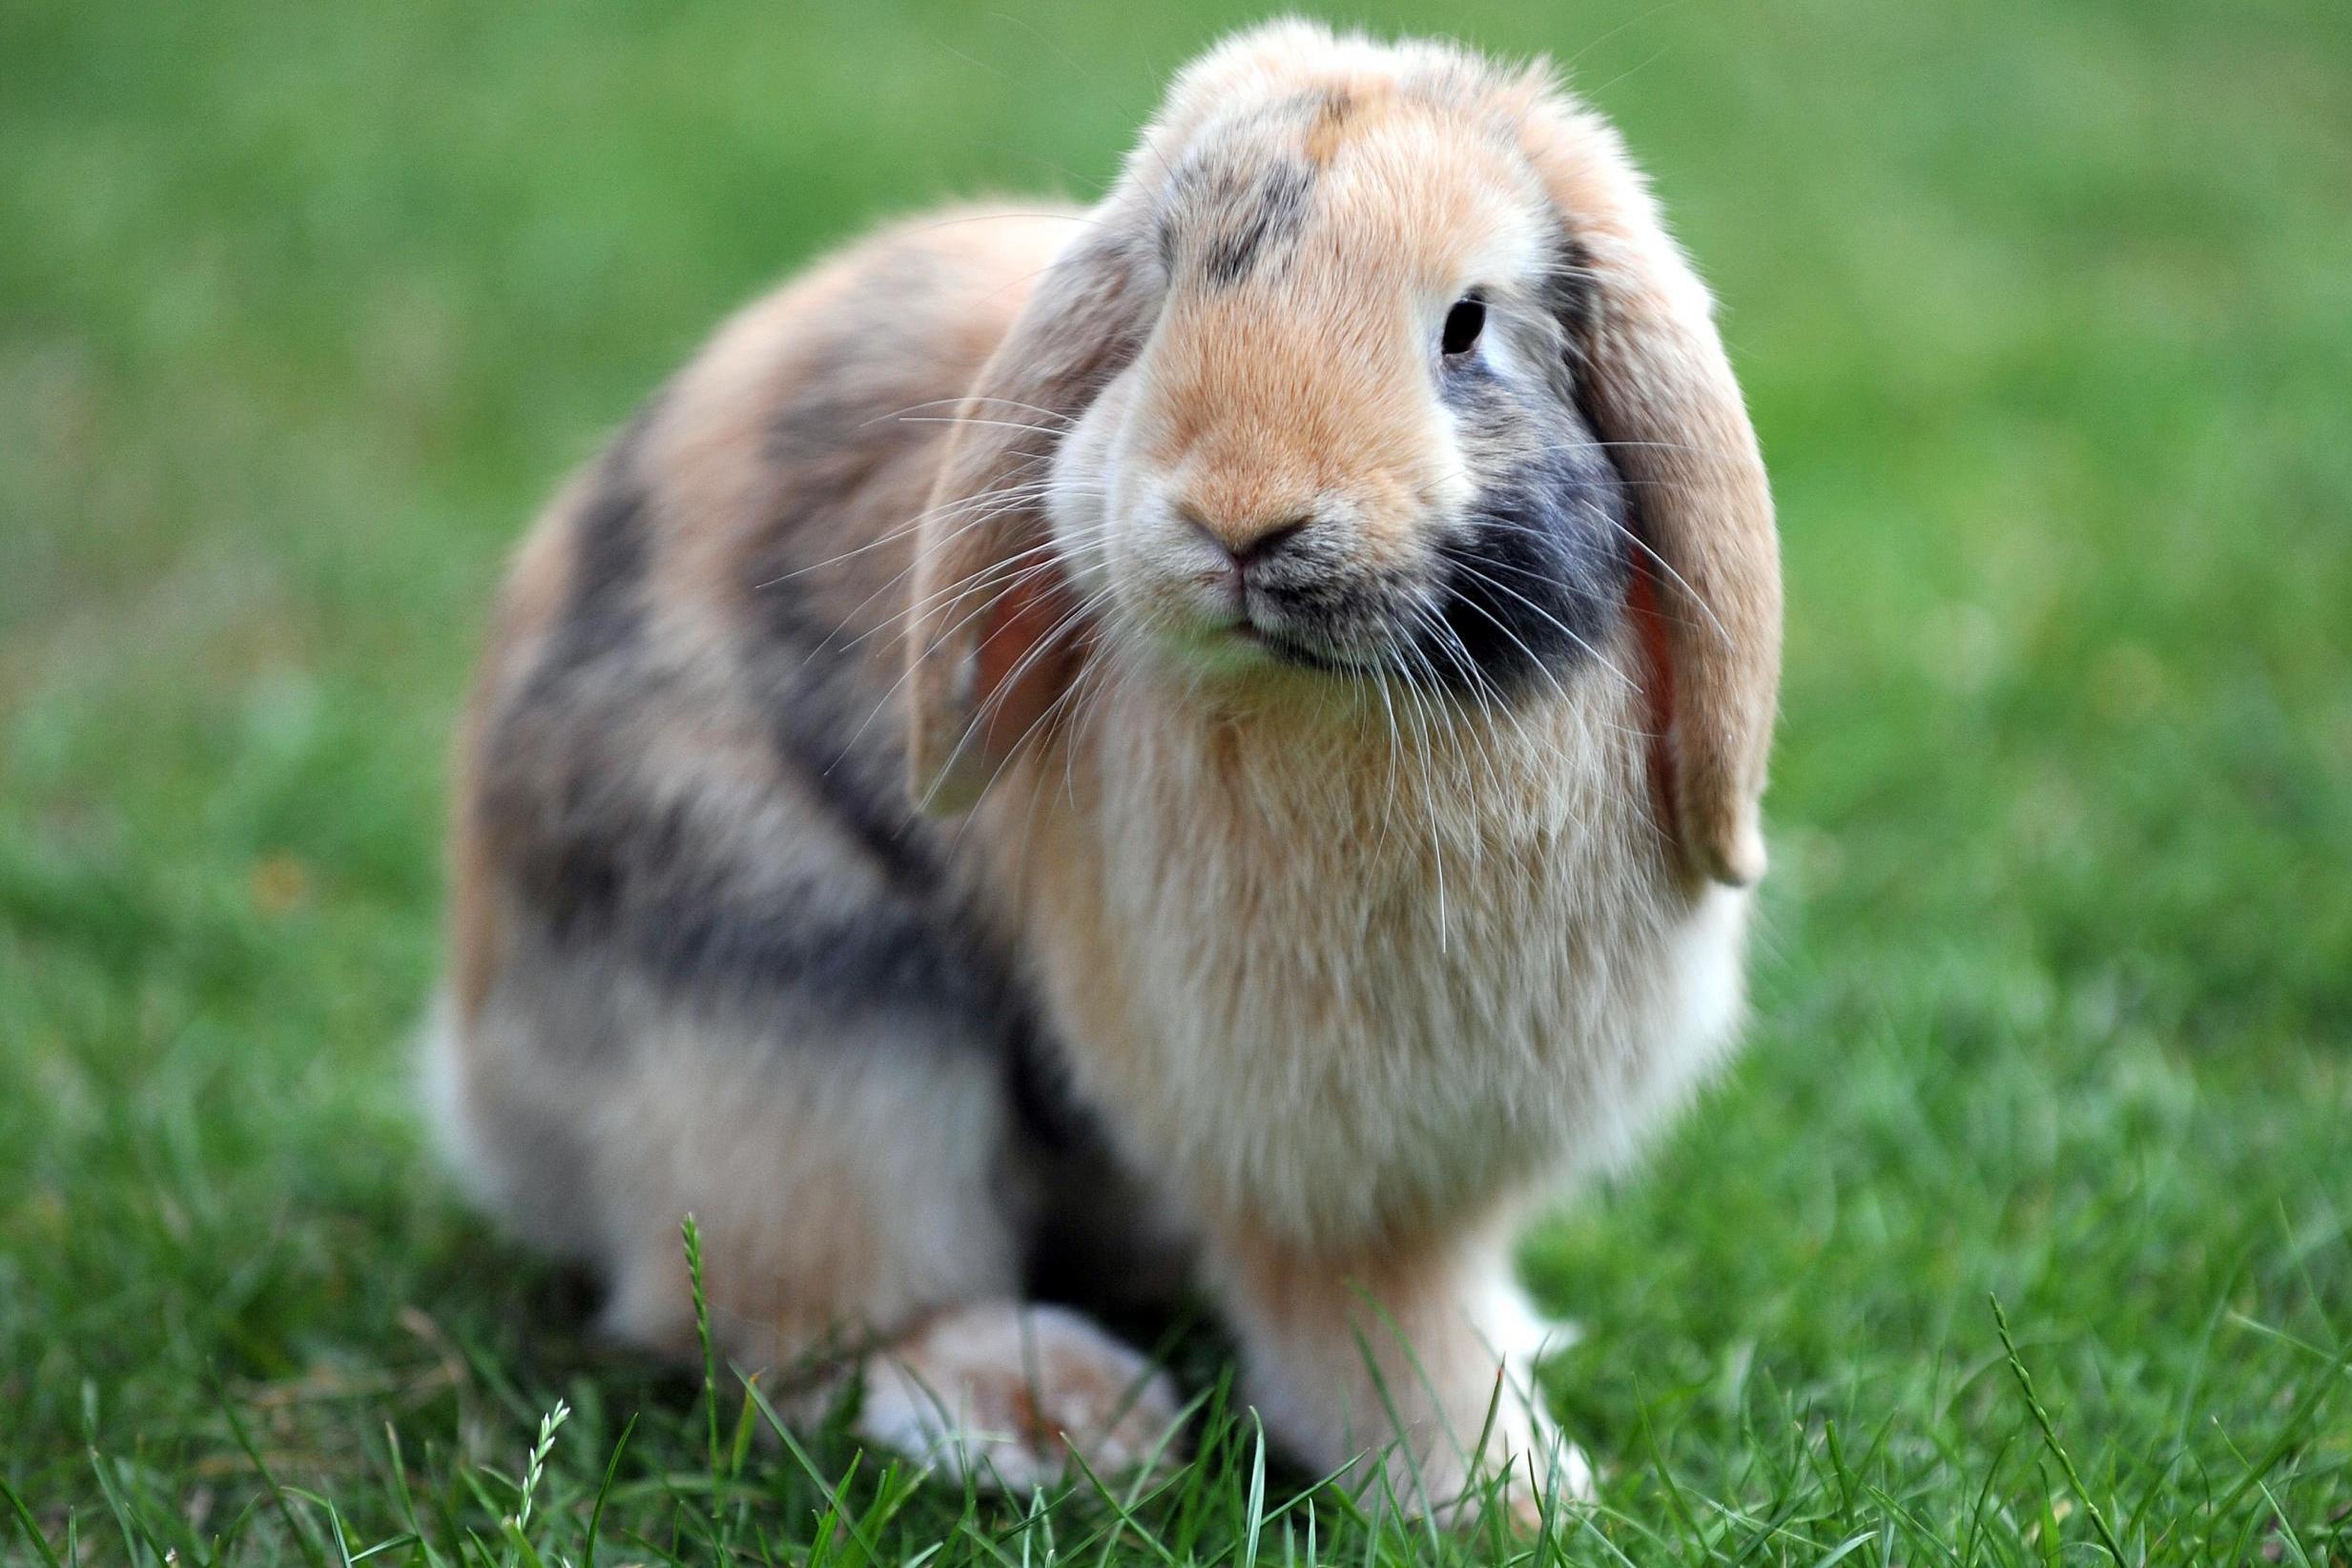 Chú thỏ đáng yêu lông vằn tam thể